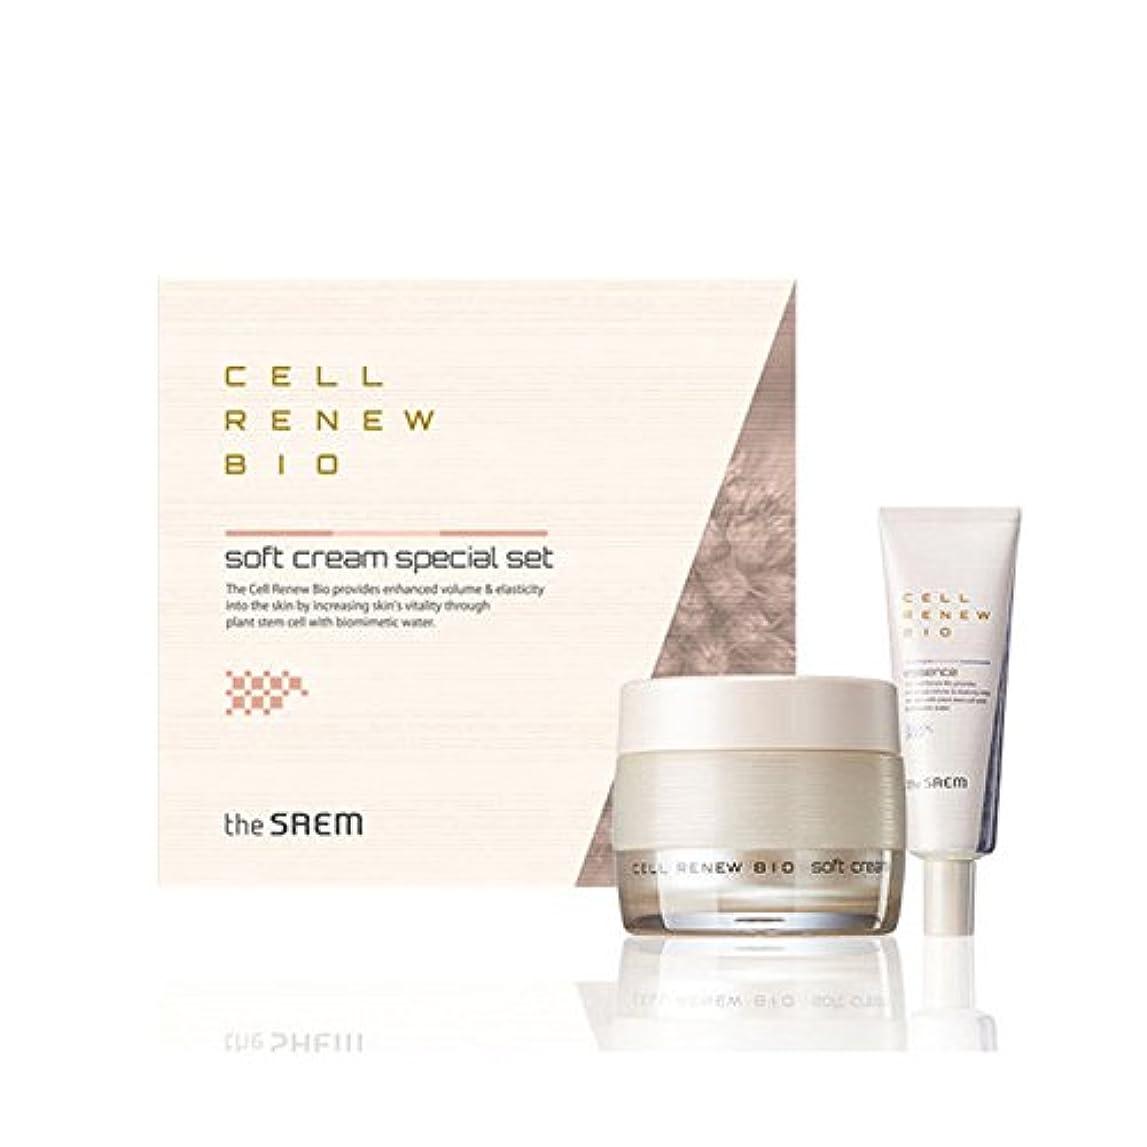 アナロジー調停する説得力のある[ザセム] The Saem セルリニュー バイオ クリーム スペシャルセット Cell Renew Bio Cream Special Set (海外直送品) [並行輸入品]